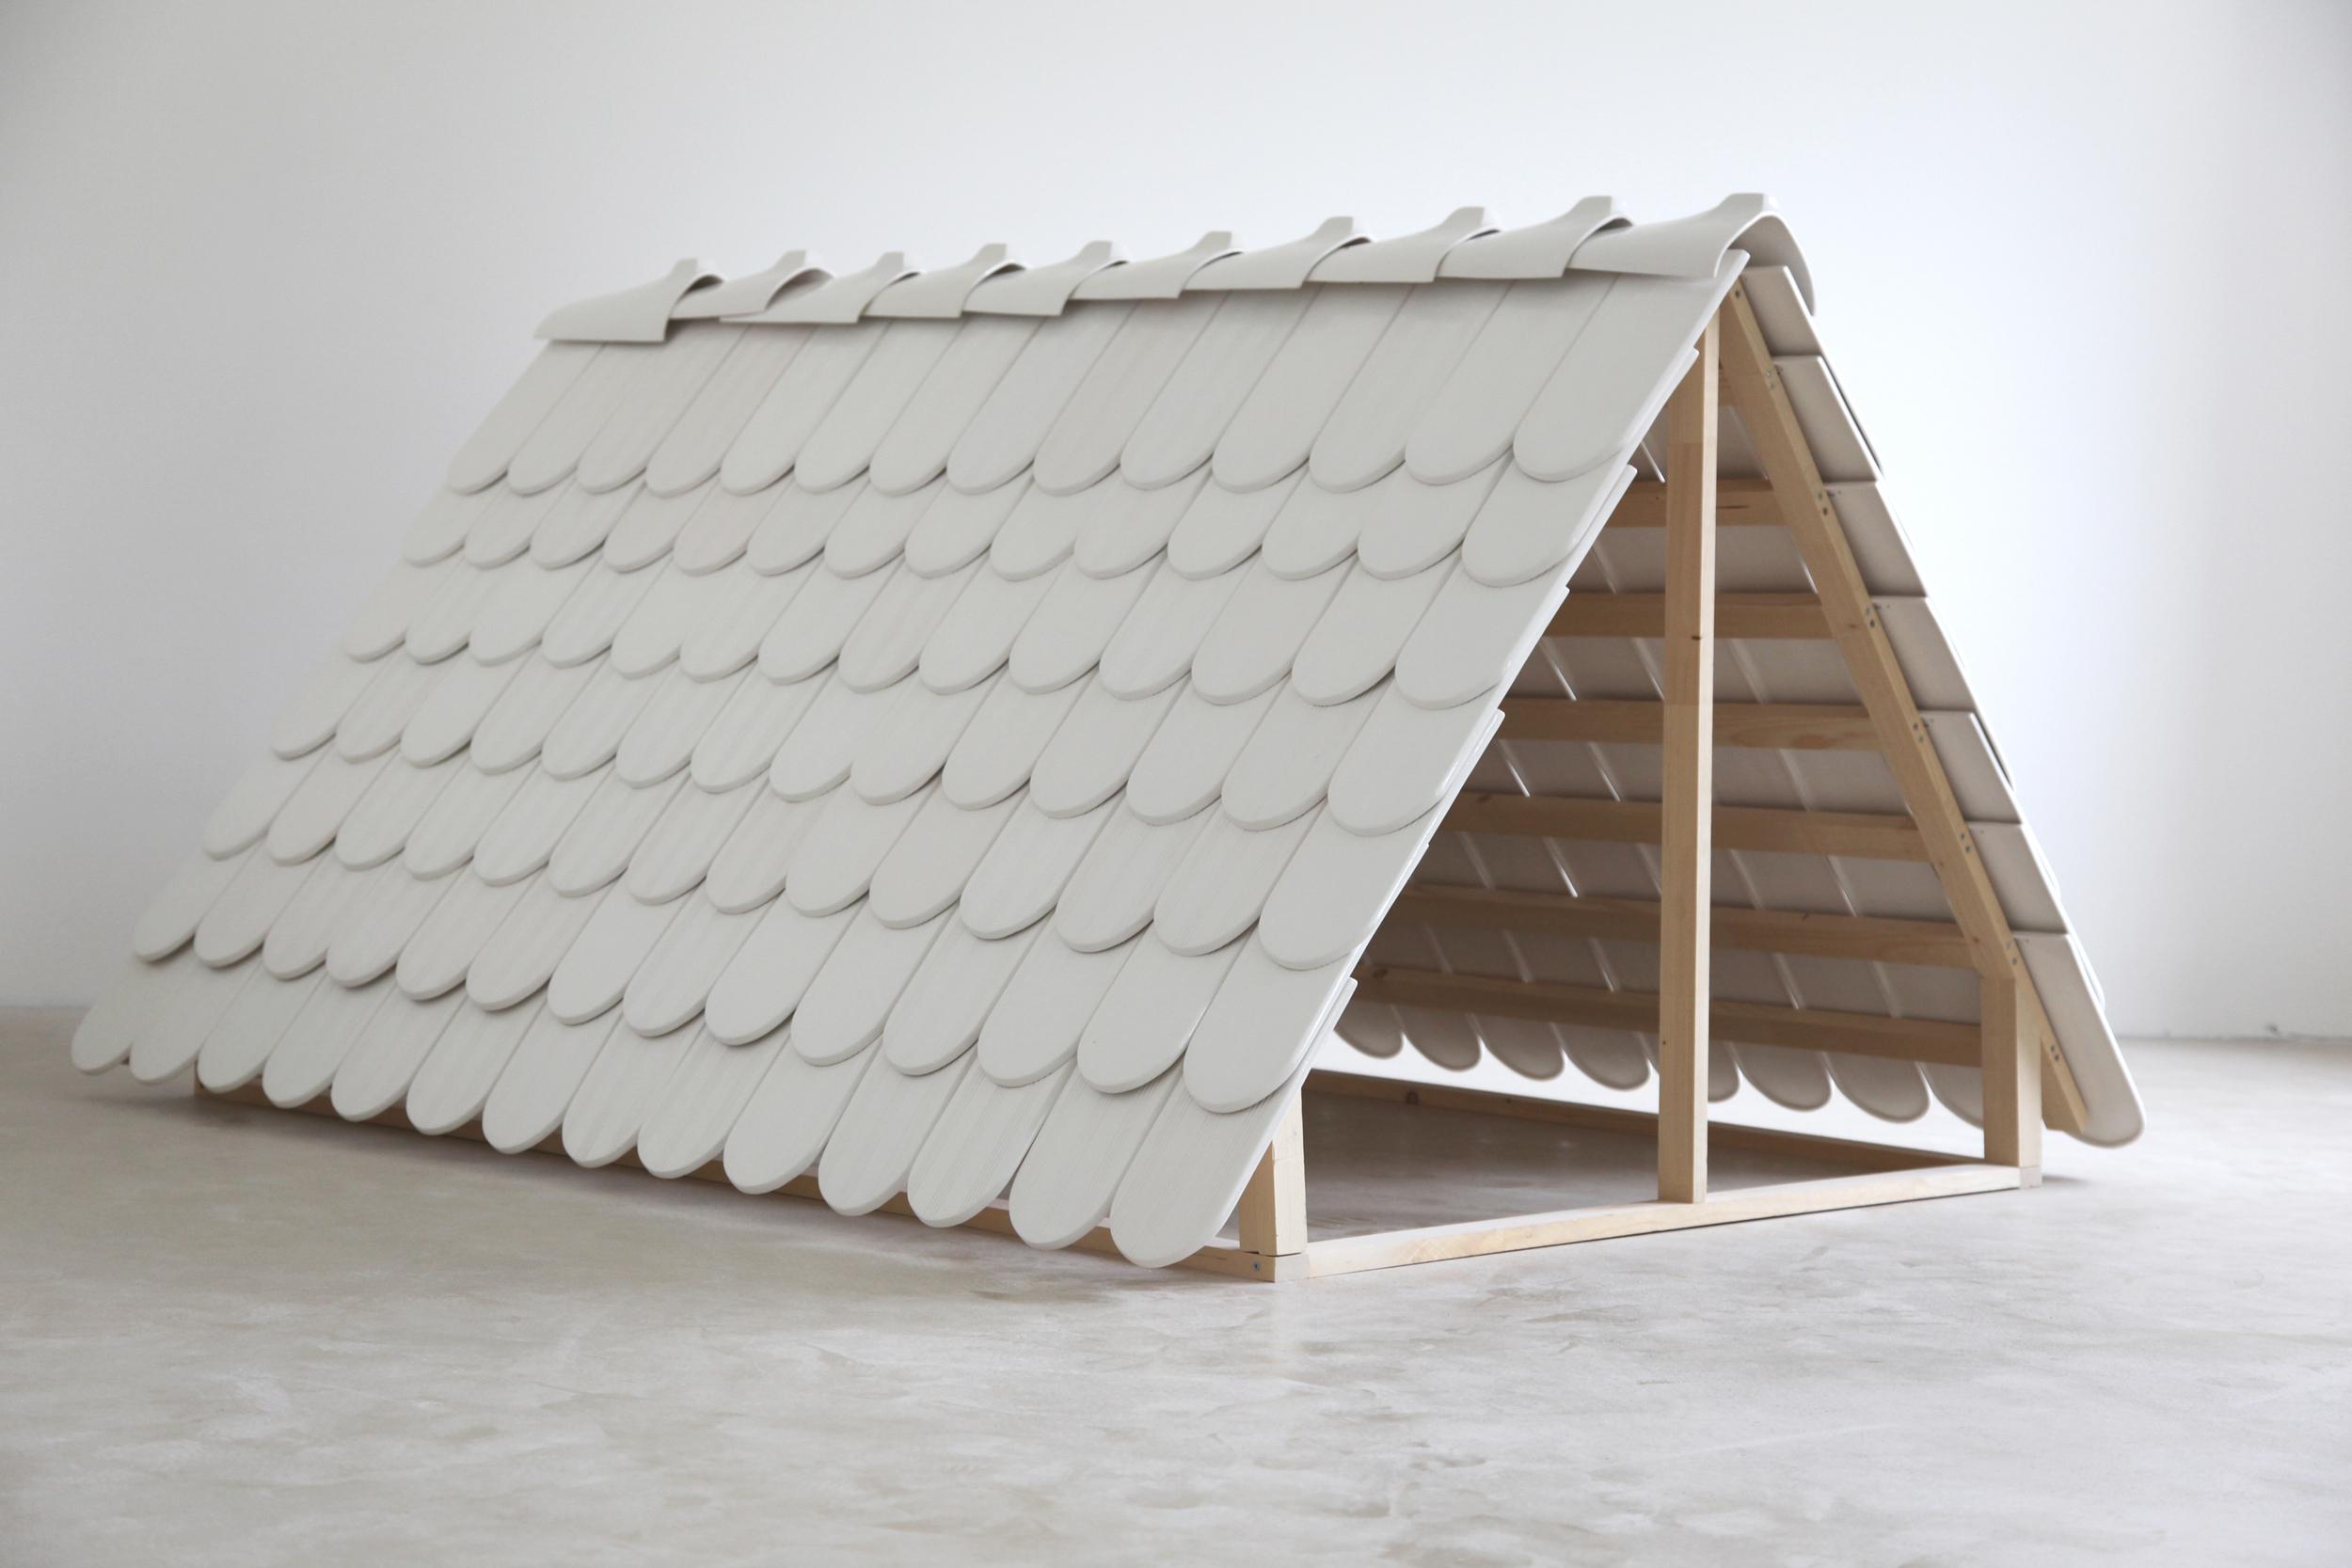 """Maude Schneider, """"Roof"""", faïence de coulage, émail, bois, 213 x 171 x 117 cm, 2012, édition: 1"""